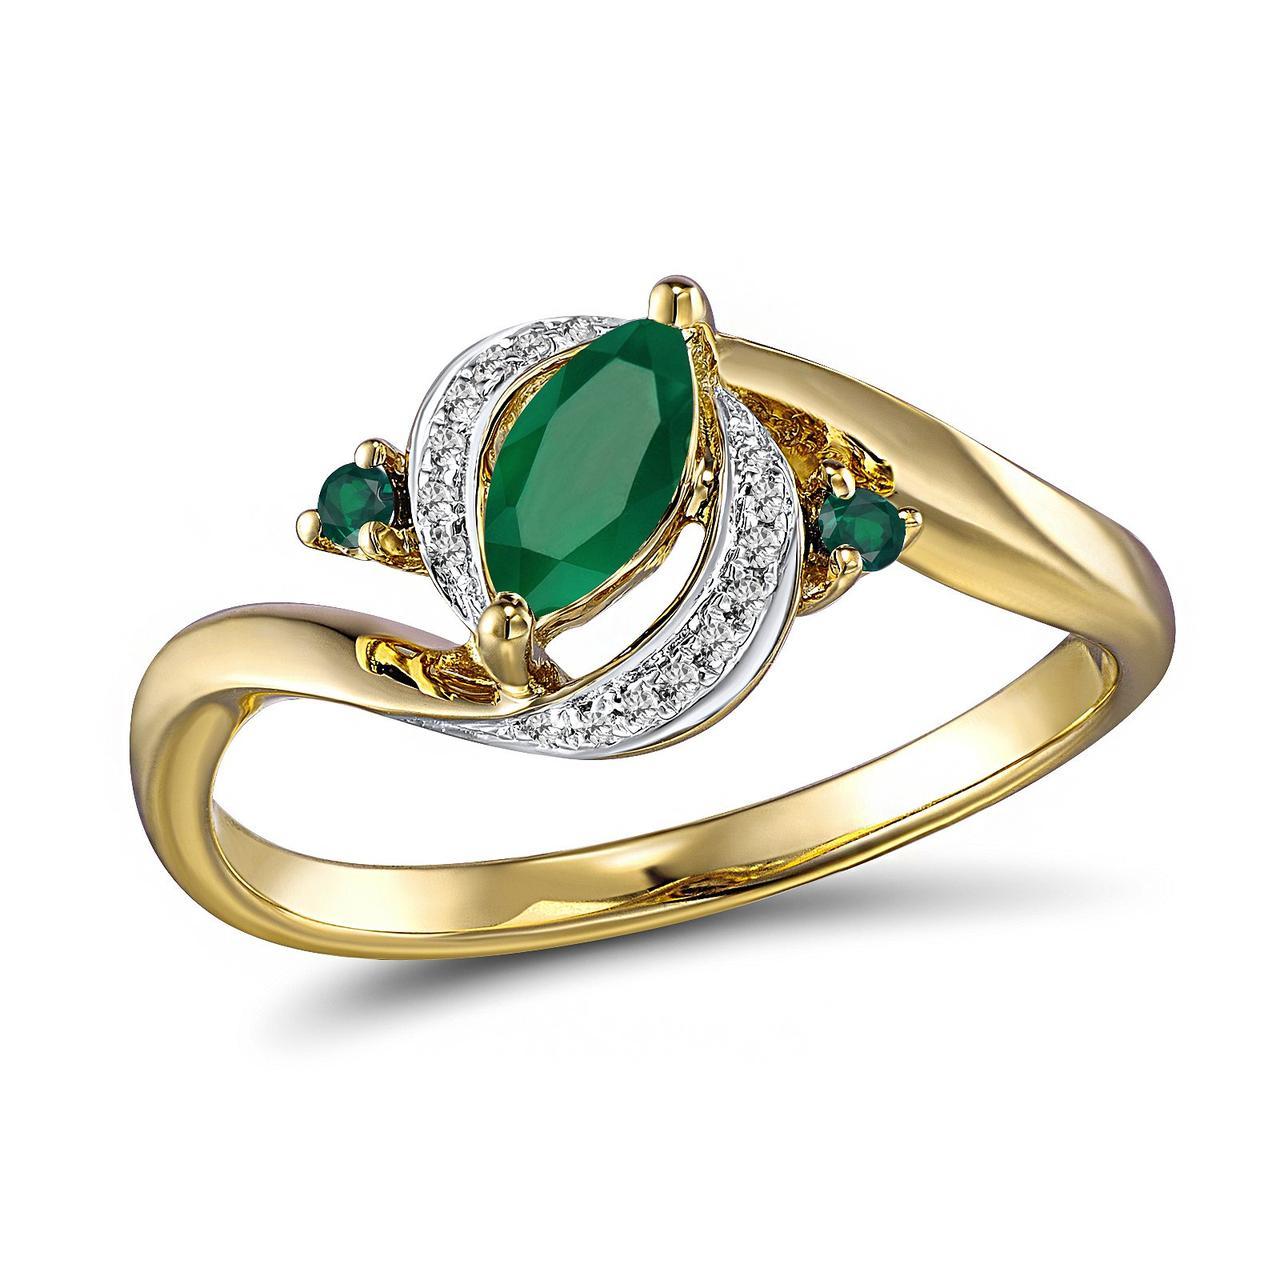 Золотое кольцо с бриллиантами и изумрудами, размер 16.5 (210390)